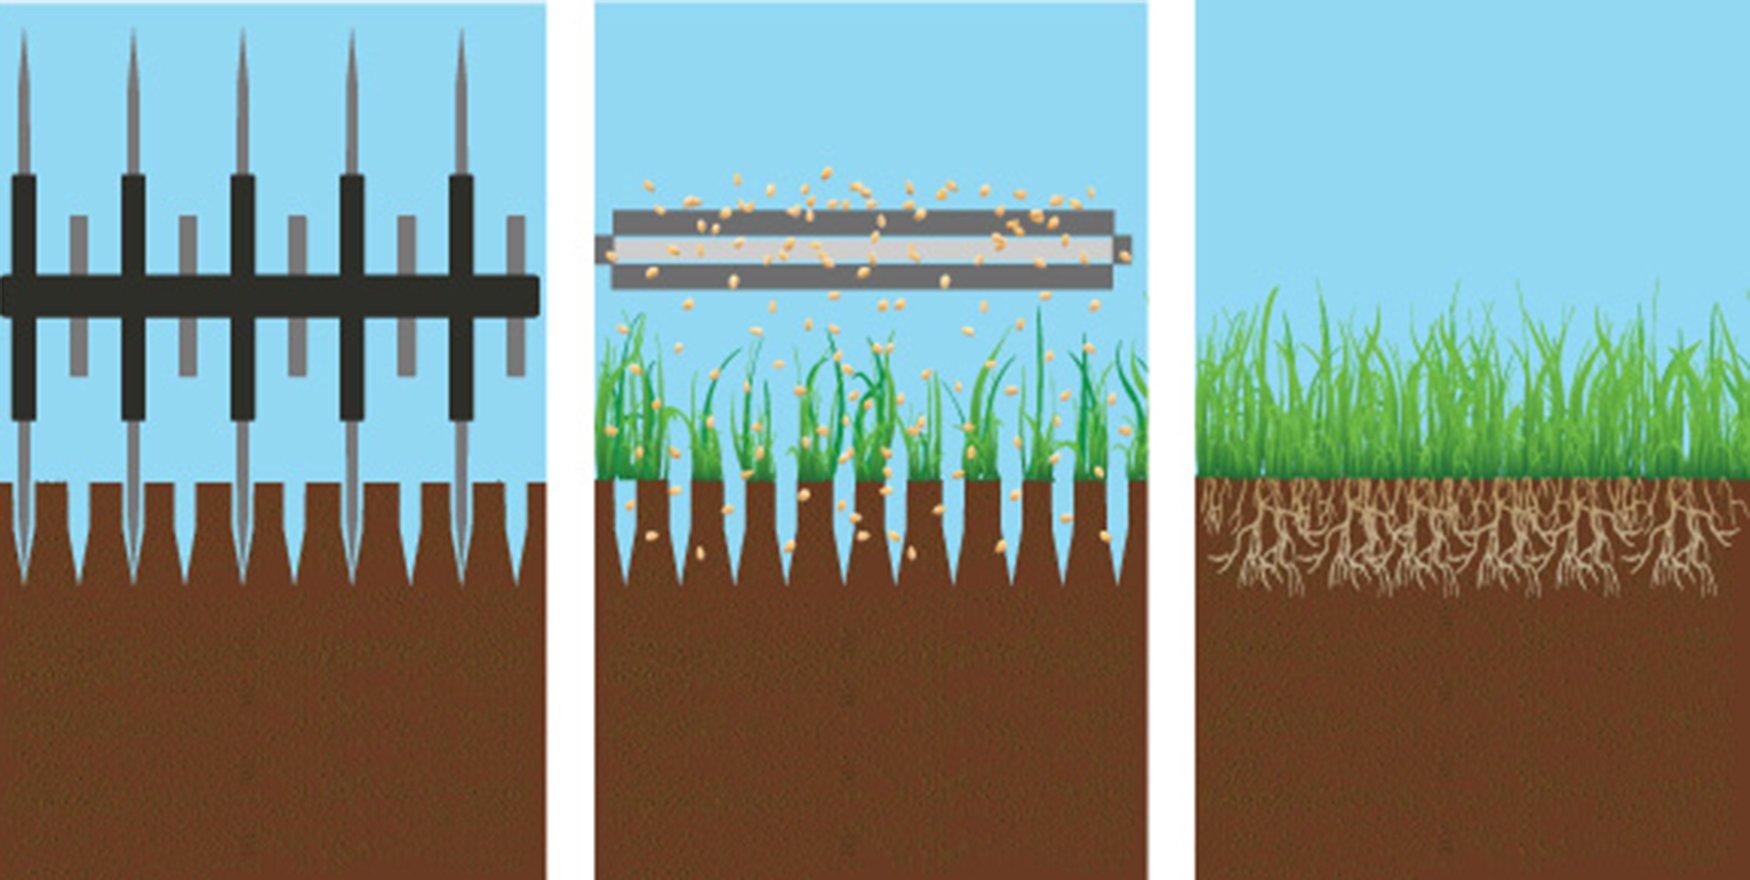 Slit Slice Seeding Illustration